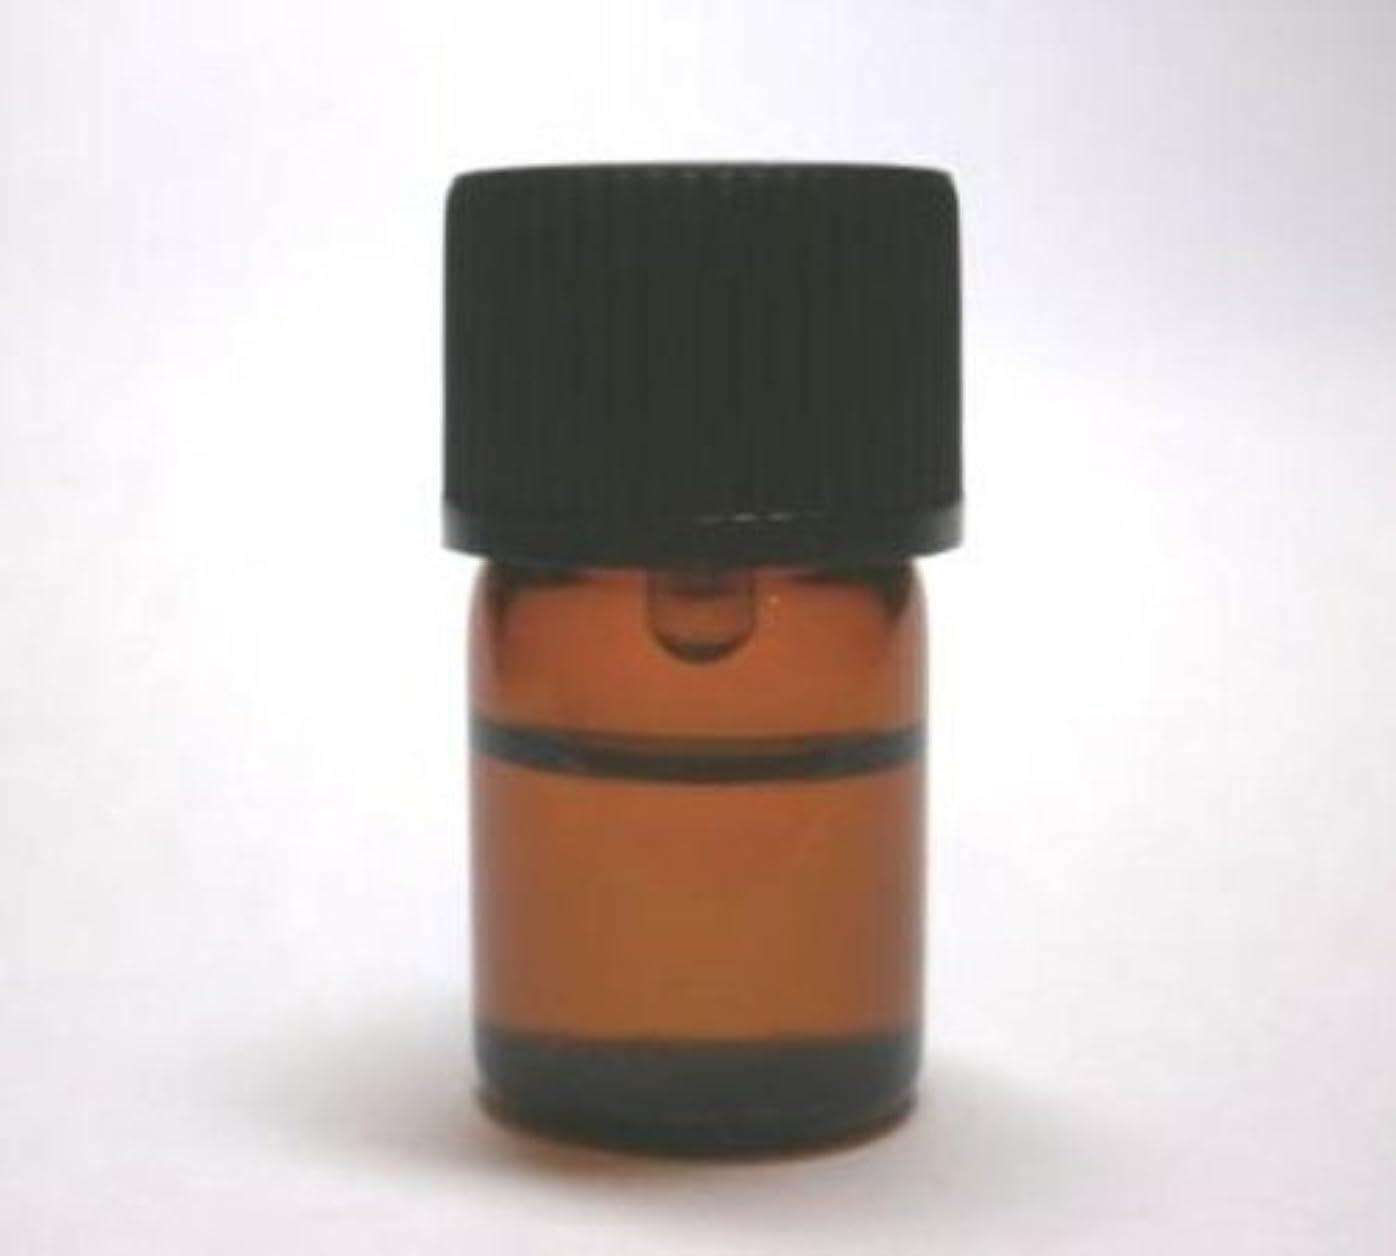 スクリュー威するタックルローズオットー100%:3ml/ローズエッセンシャルオイル/ローズ精油/ローズオイル